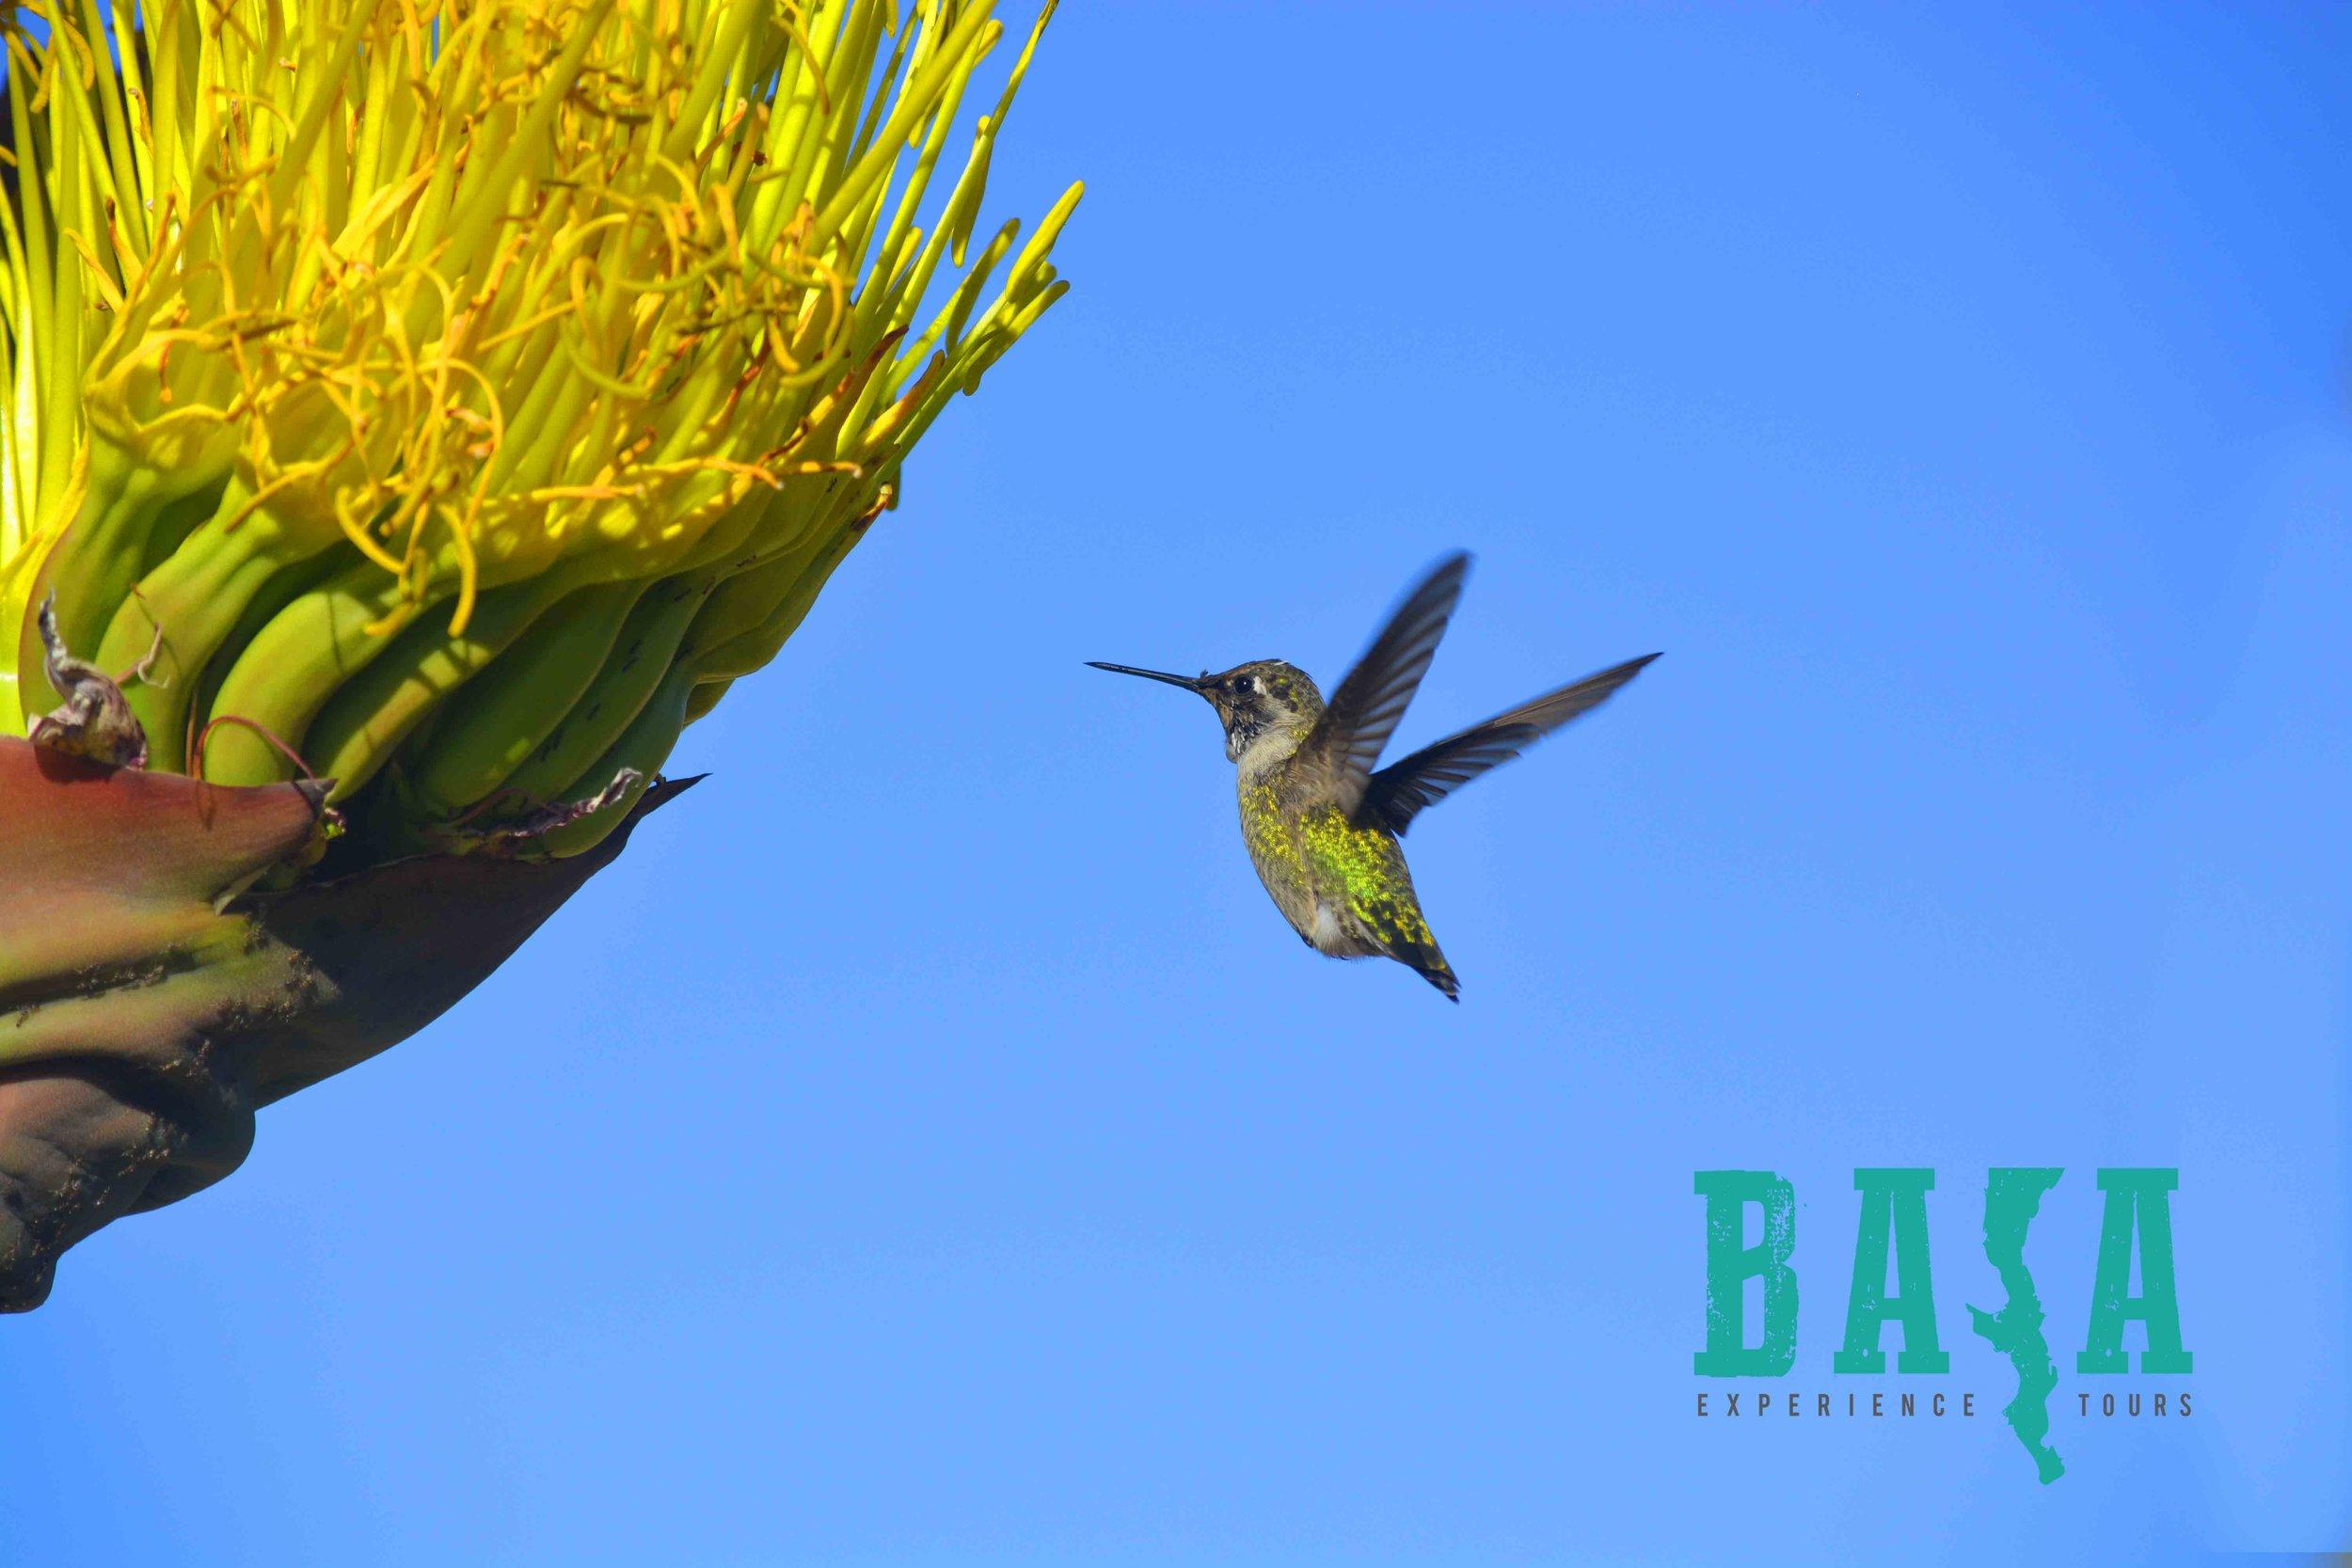 baja_hummingbird_cactus.jpg